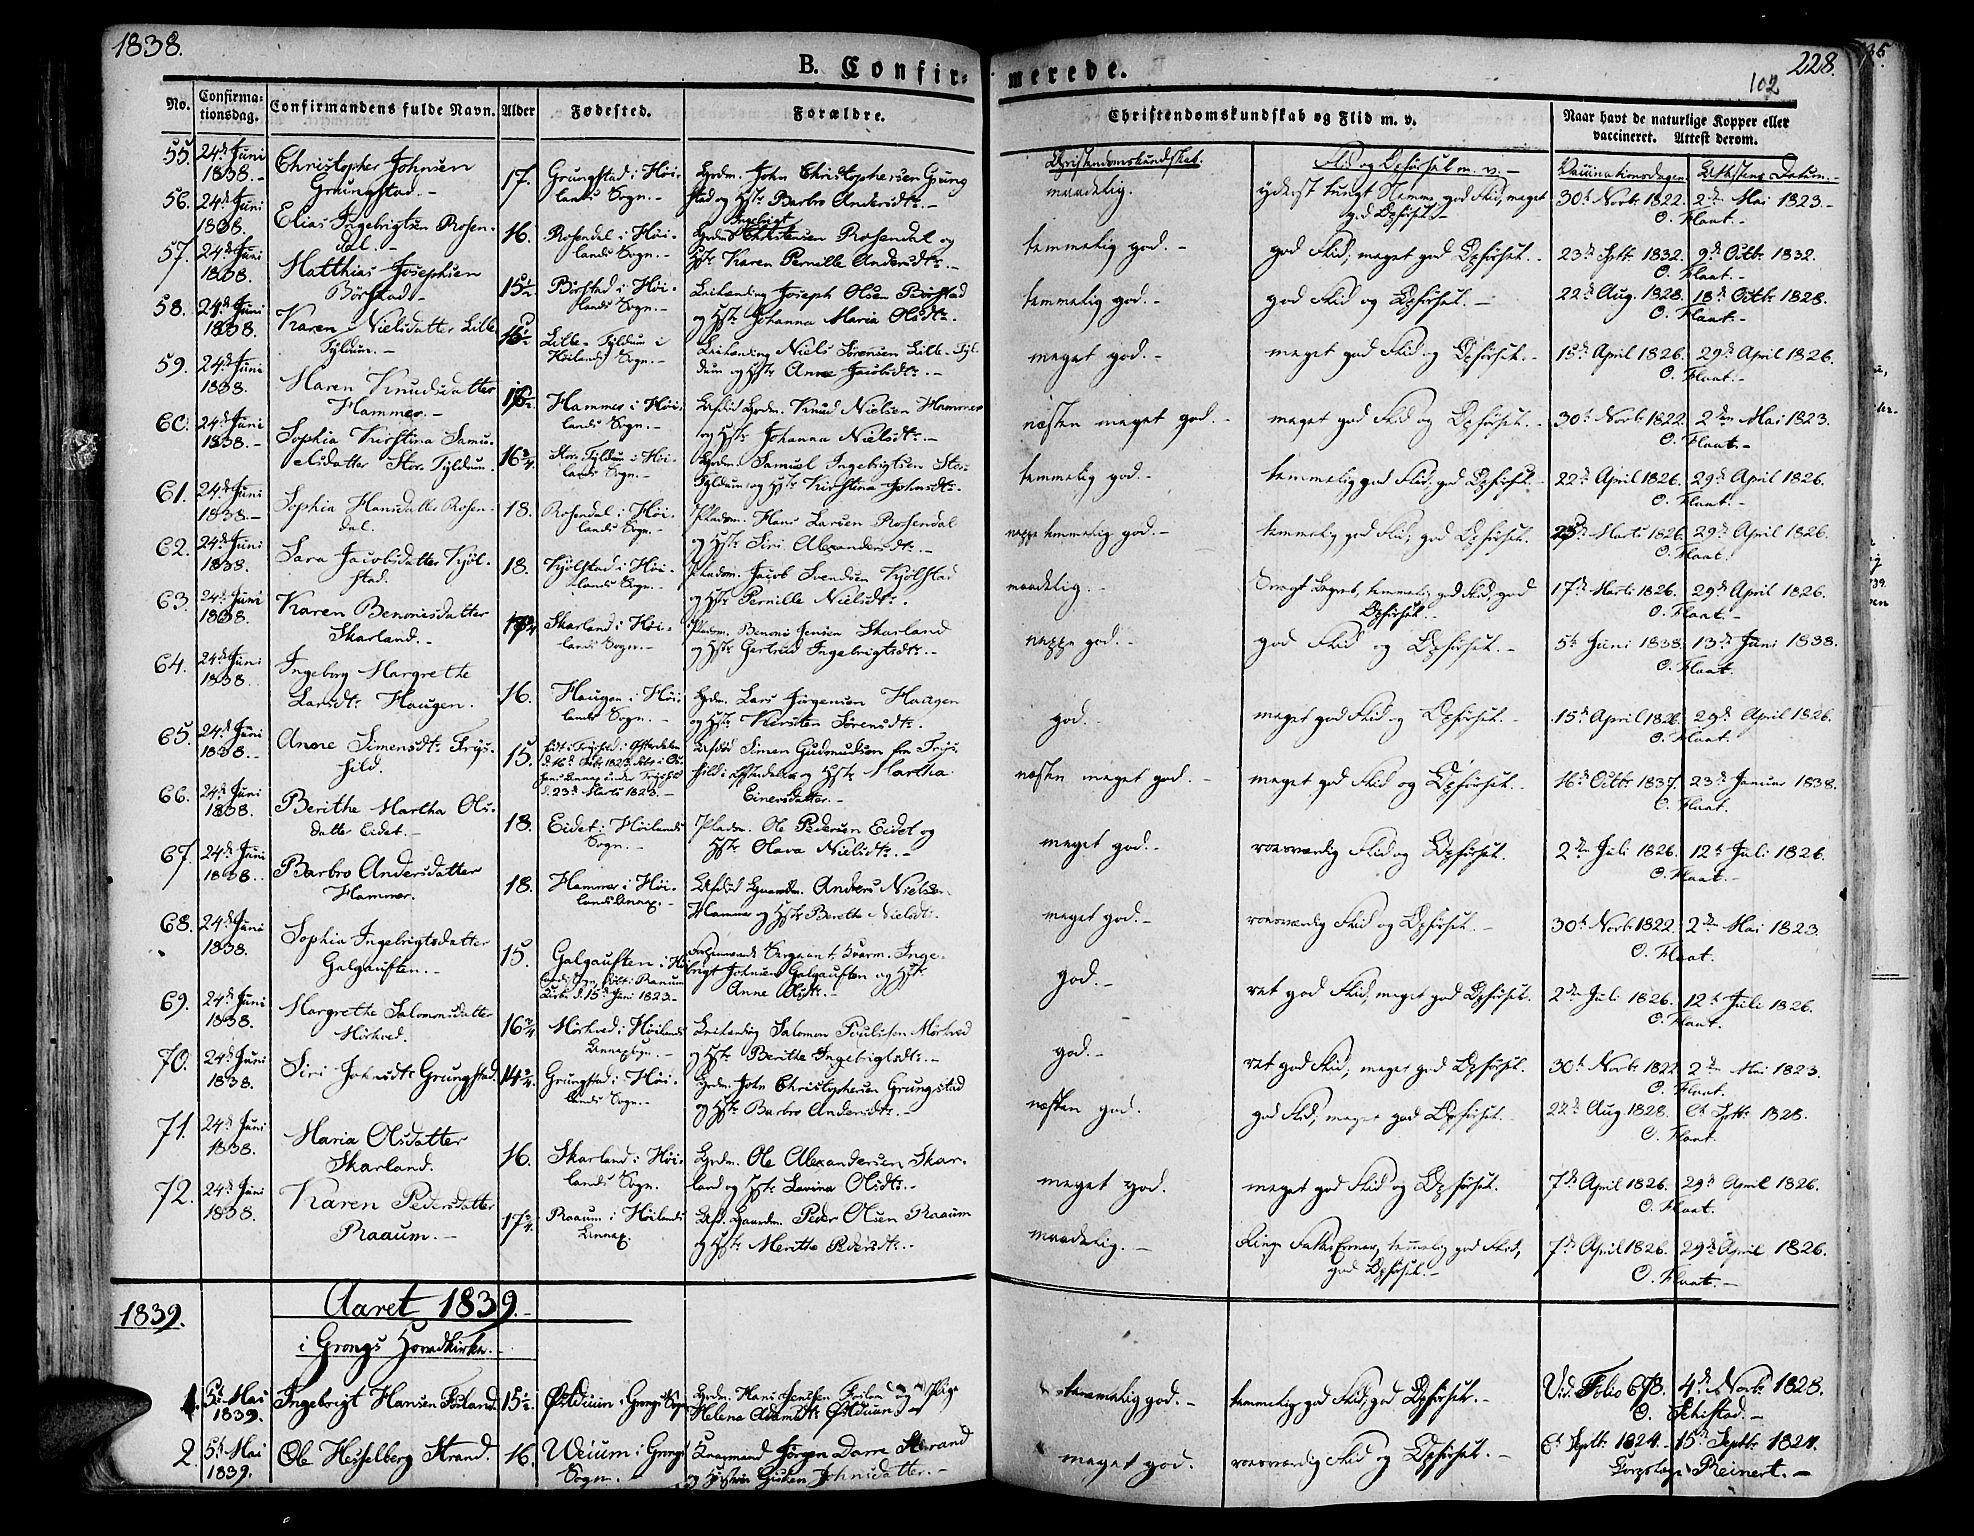 SAT, Ministerialprotokoller, klokkerbøker og fødselsregistre - Nord-Trøndelag, 758/L0510: Ministerialbok nr. 758A01 /1, 1821-1841, s. 102